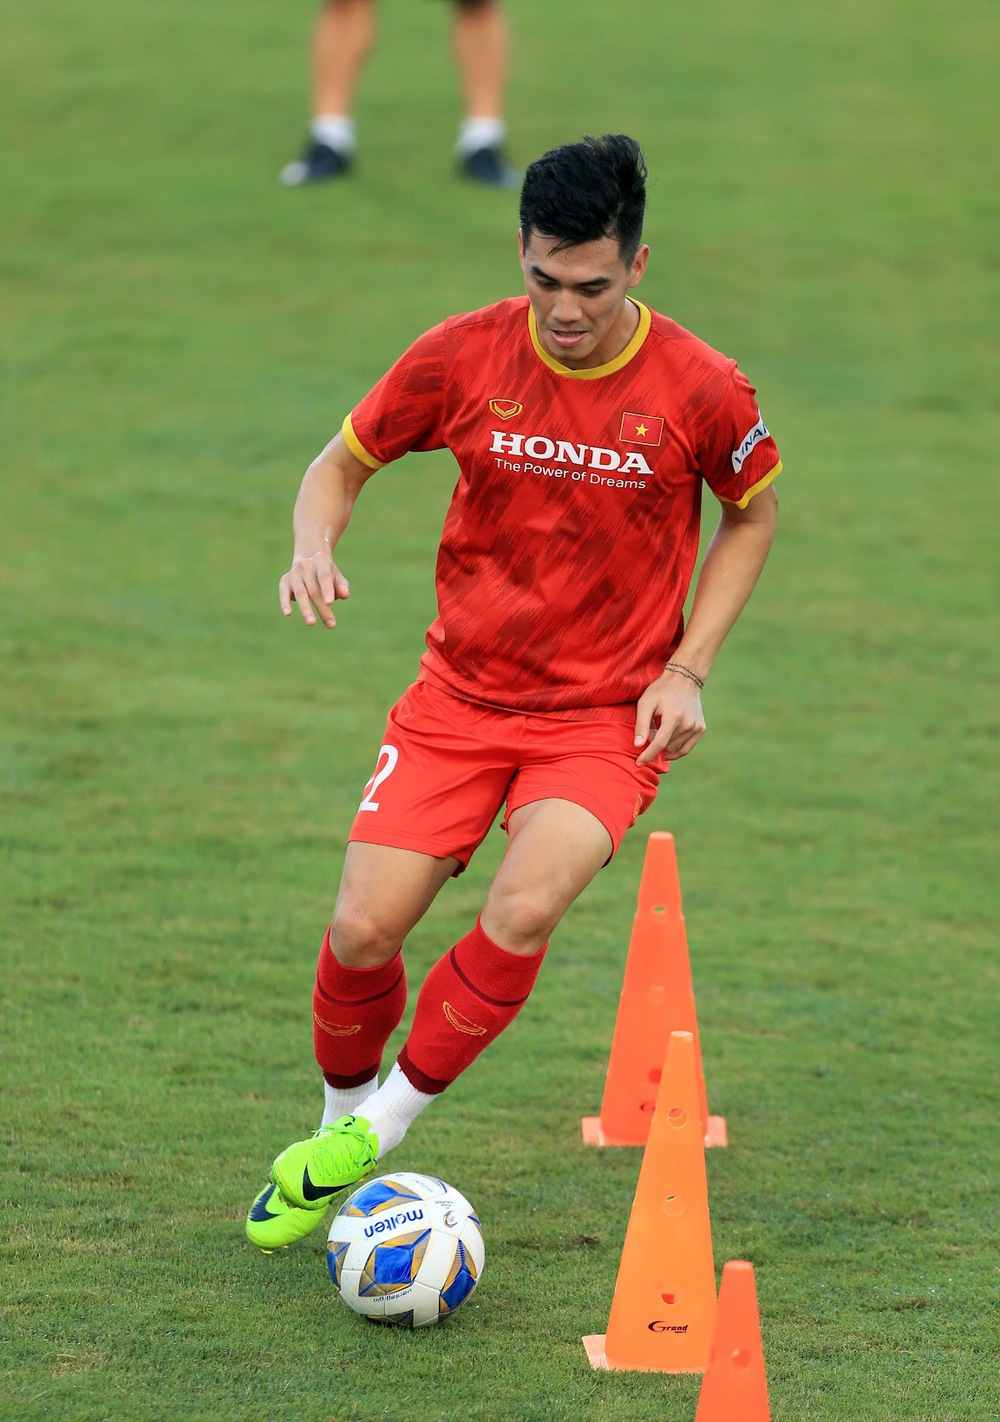 Thêm một cầu thủ U22 được bổ sung lên đội tuyển Việt Nam cho chiến dịch Vòng loại World Cup 2022 - Ảnh 10.